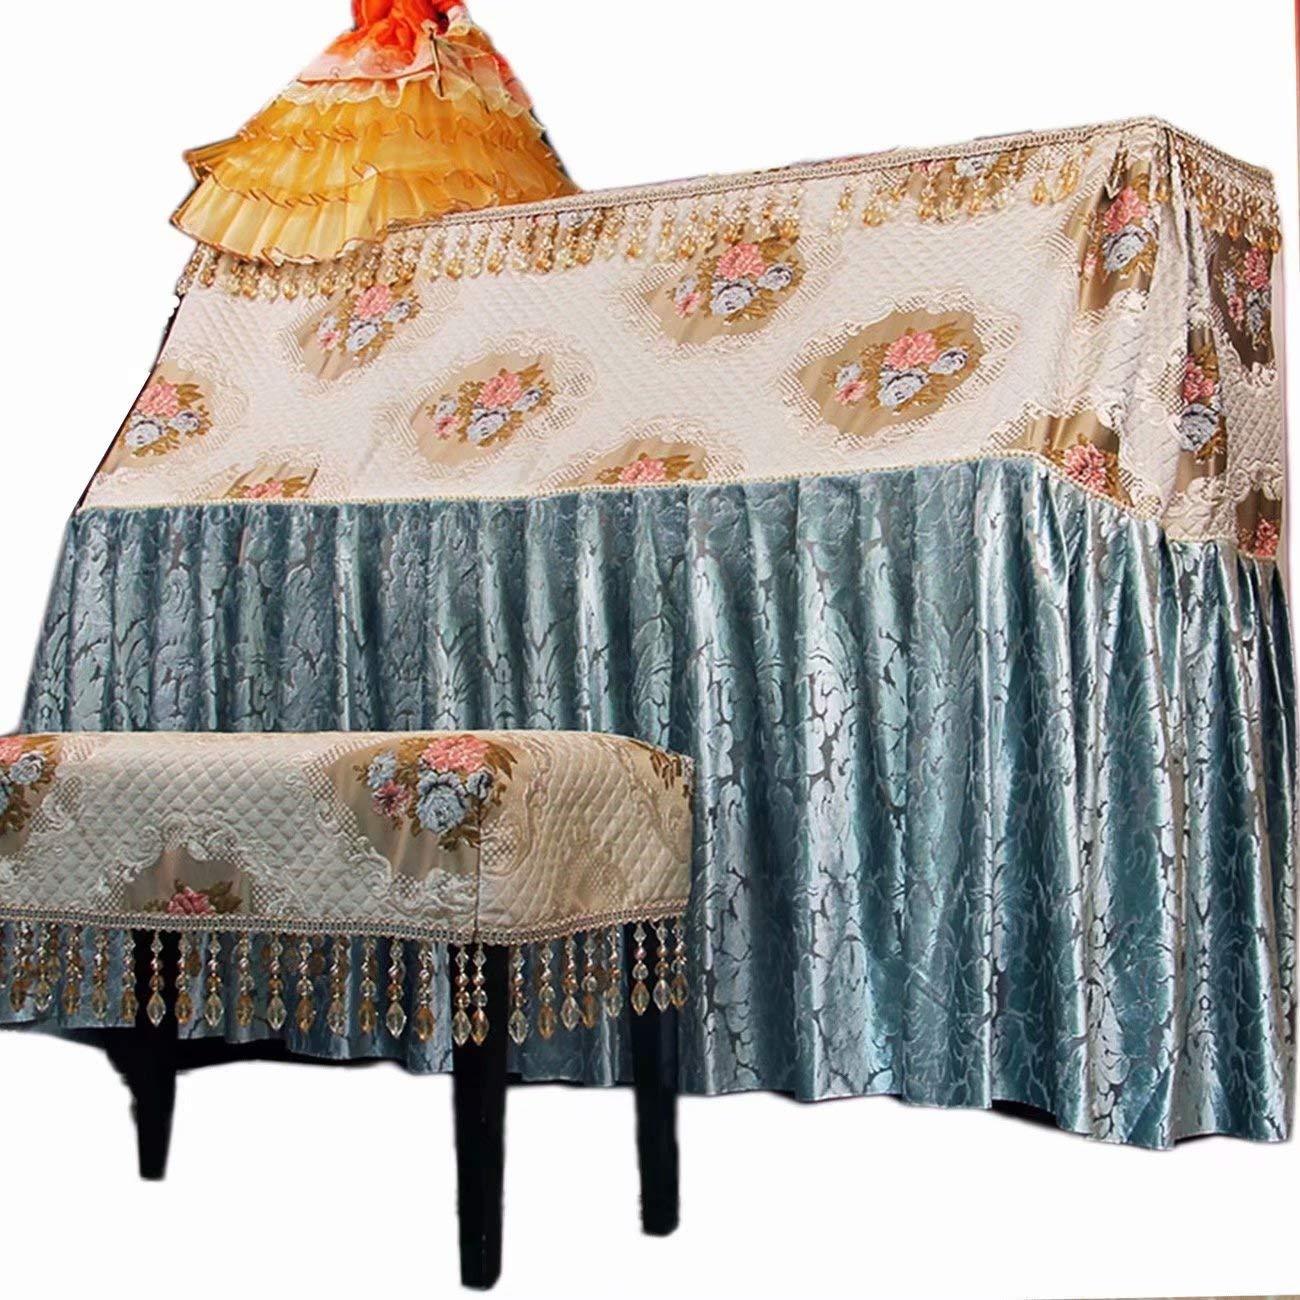 ピアノトップカバー 欧風 現代 トップカバー 刺繍 ピアノカバー シンプル アップライトピアノカバー 防塵カバー SFANYフルカバー間口153㎝+椅子カバー(1人掛け)タイプ1B07JVDVDR4